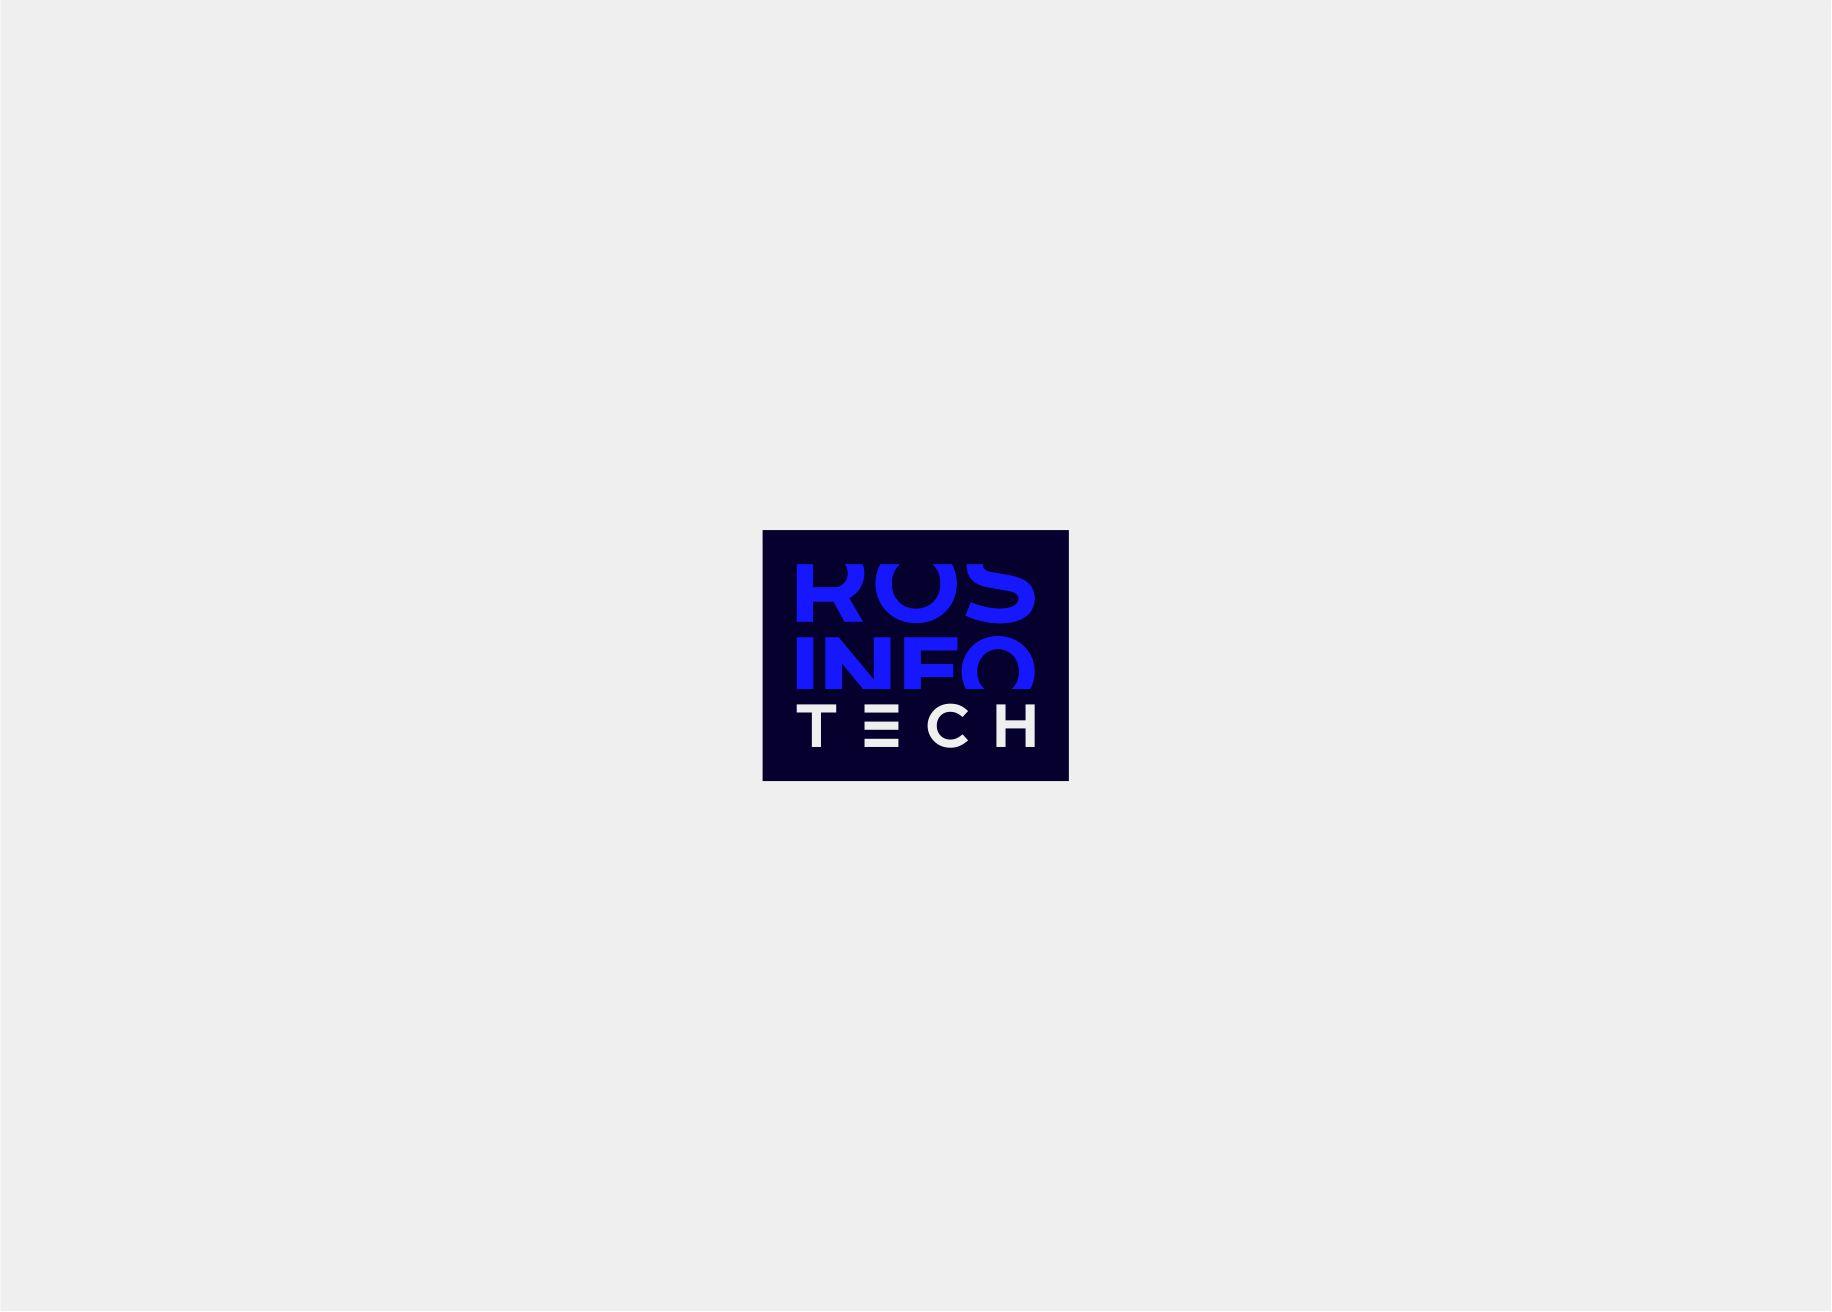 Разработка пакета айдентики rosinfo.tech фото f_7055e1c6cc495164.jpg